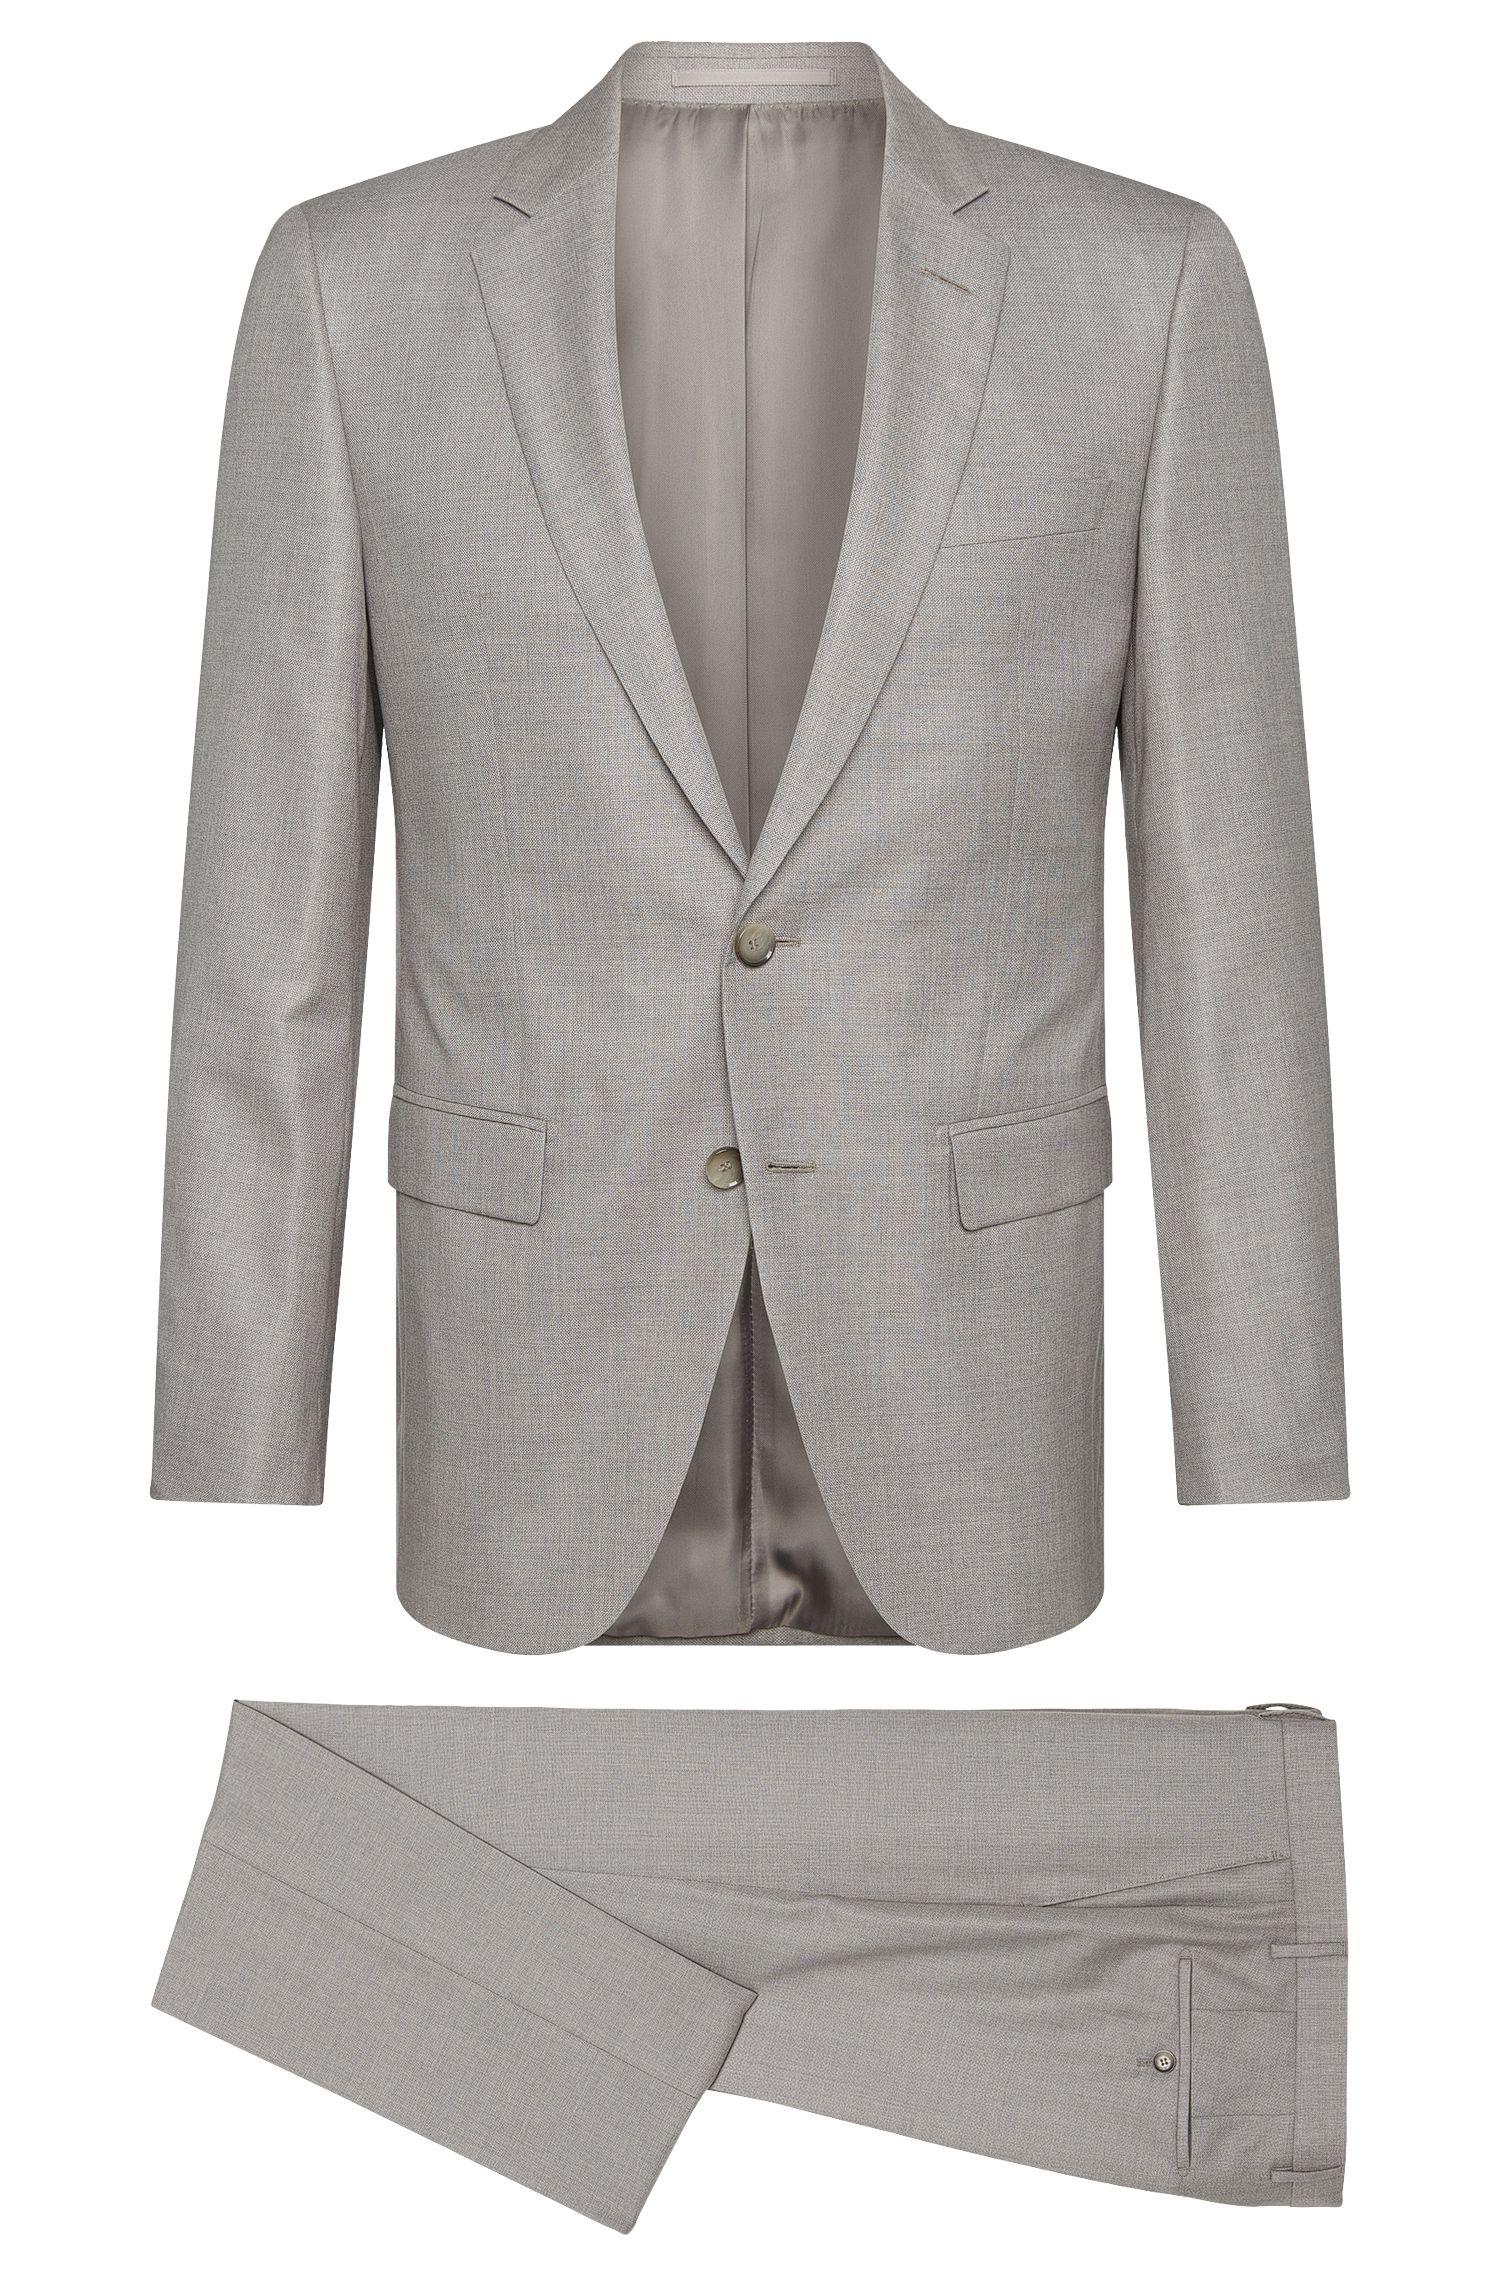 'T-Harvers/Glover' | Slim Fit, Italian Virgin Wool Silk Suit